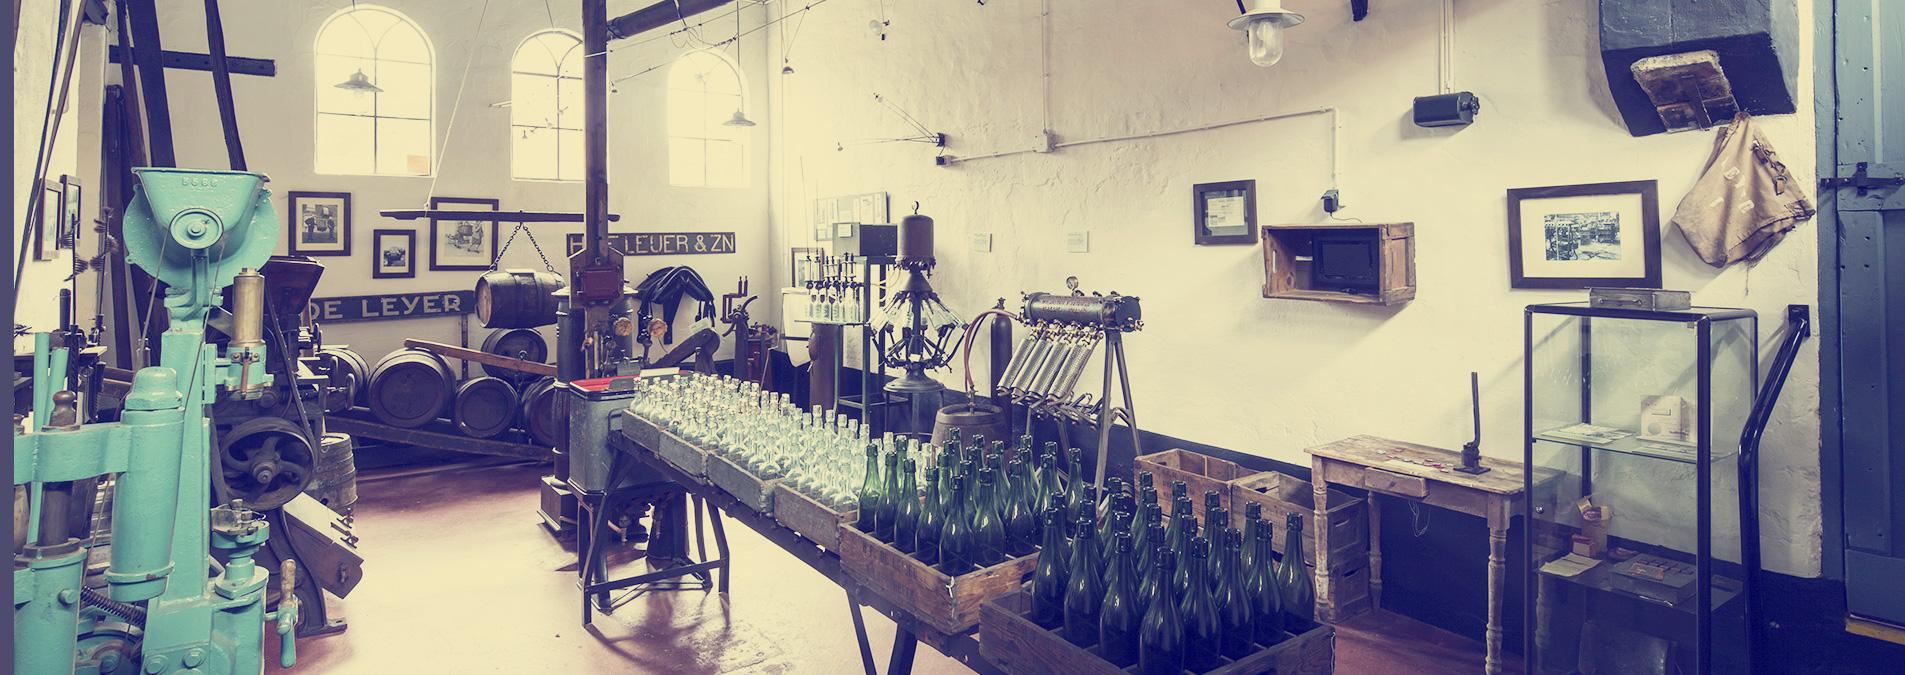 Museumbrouwerij De Roos